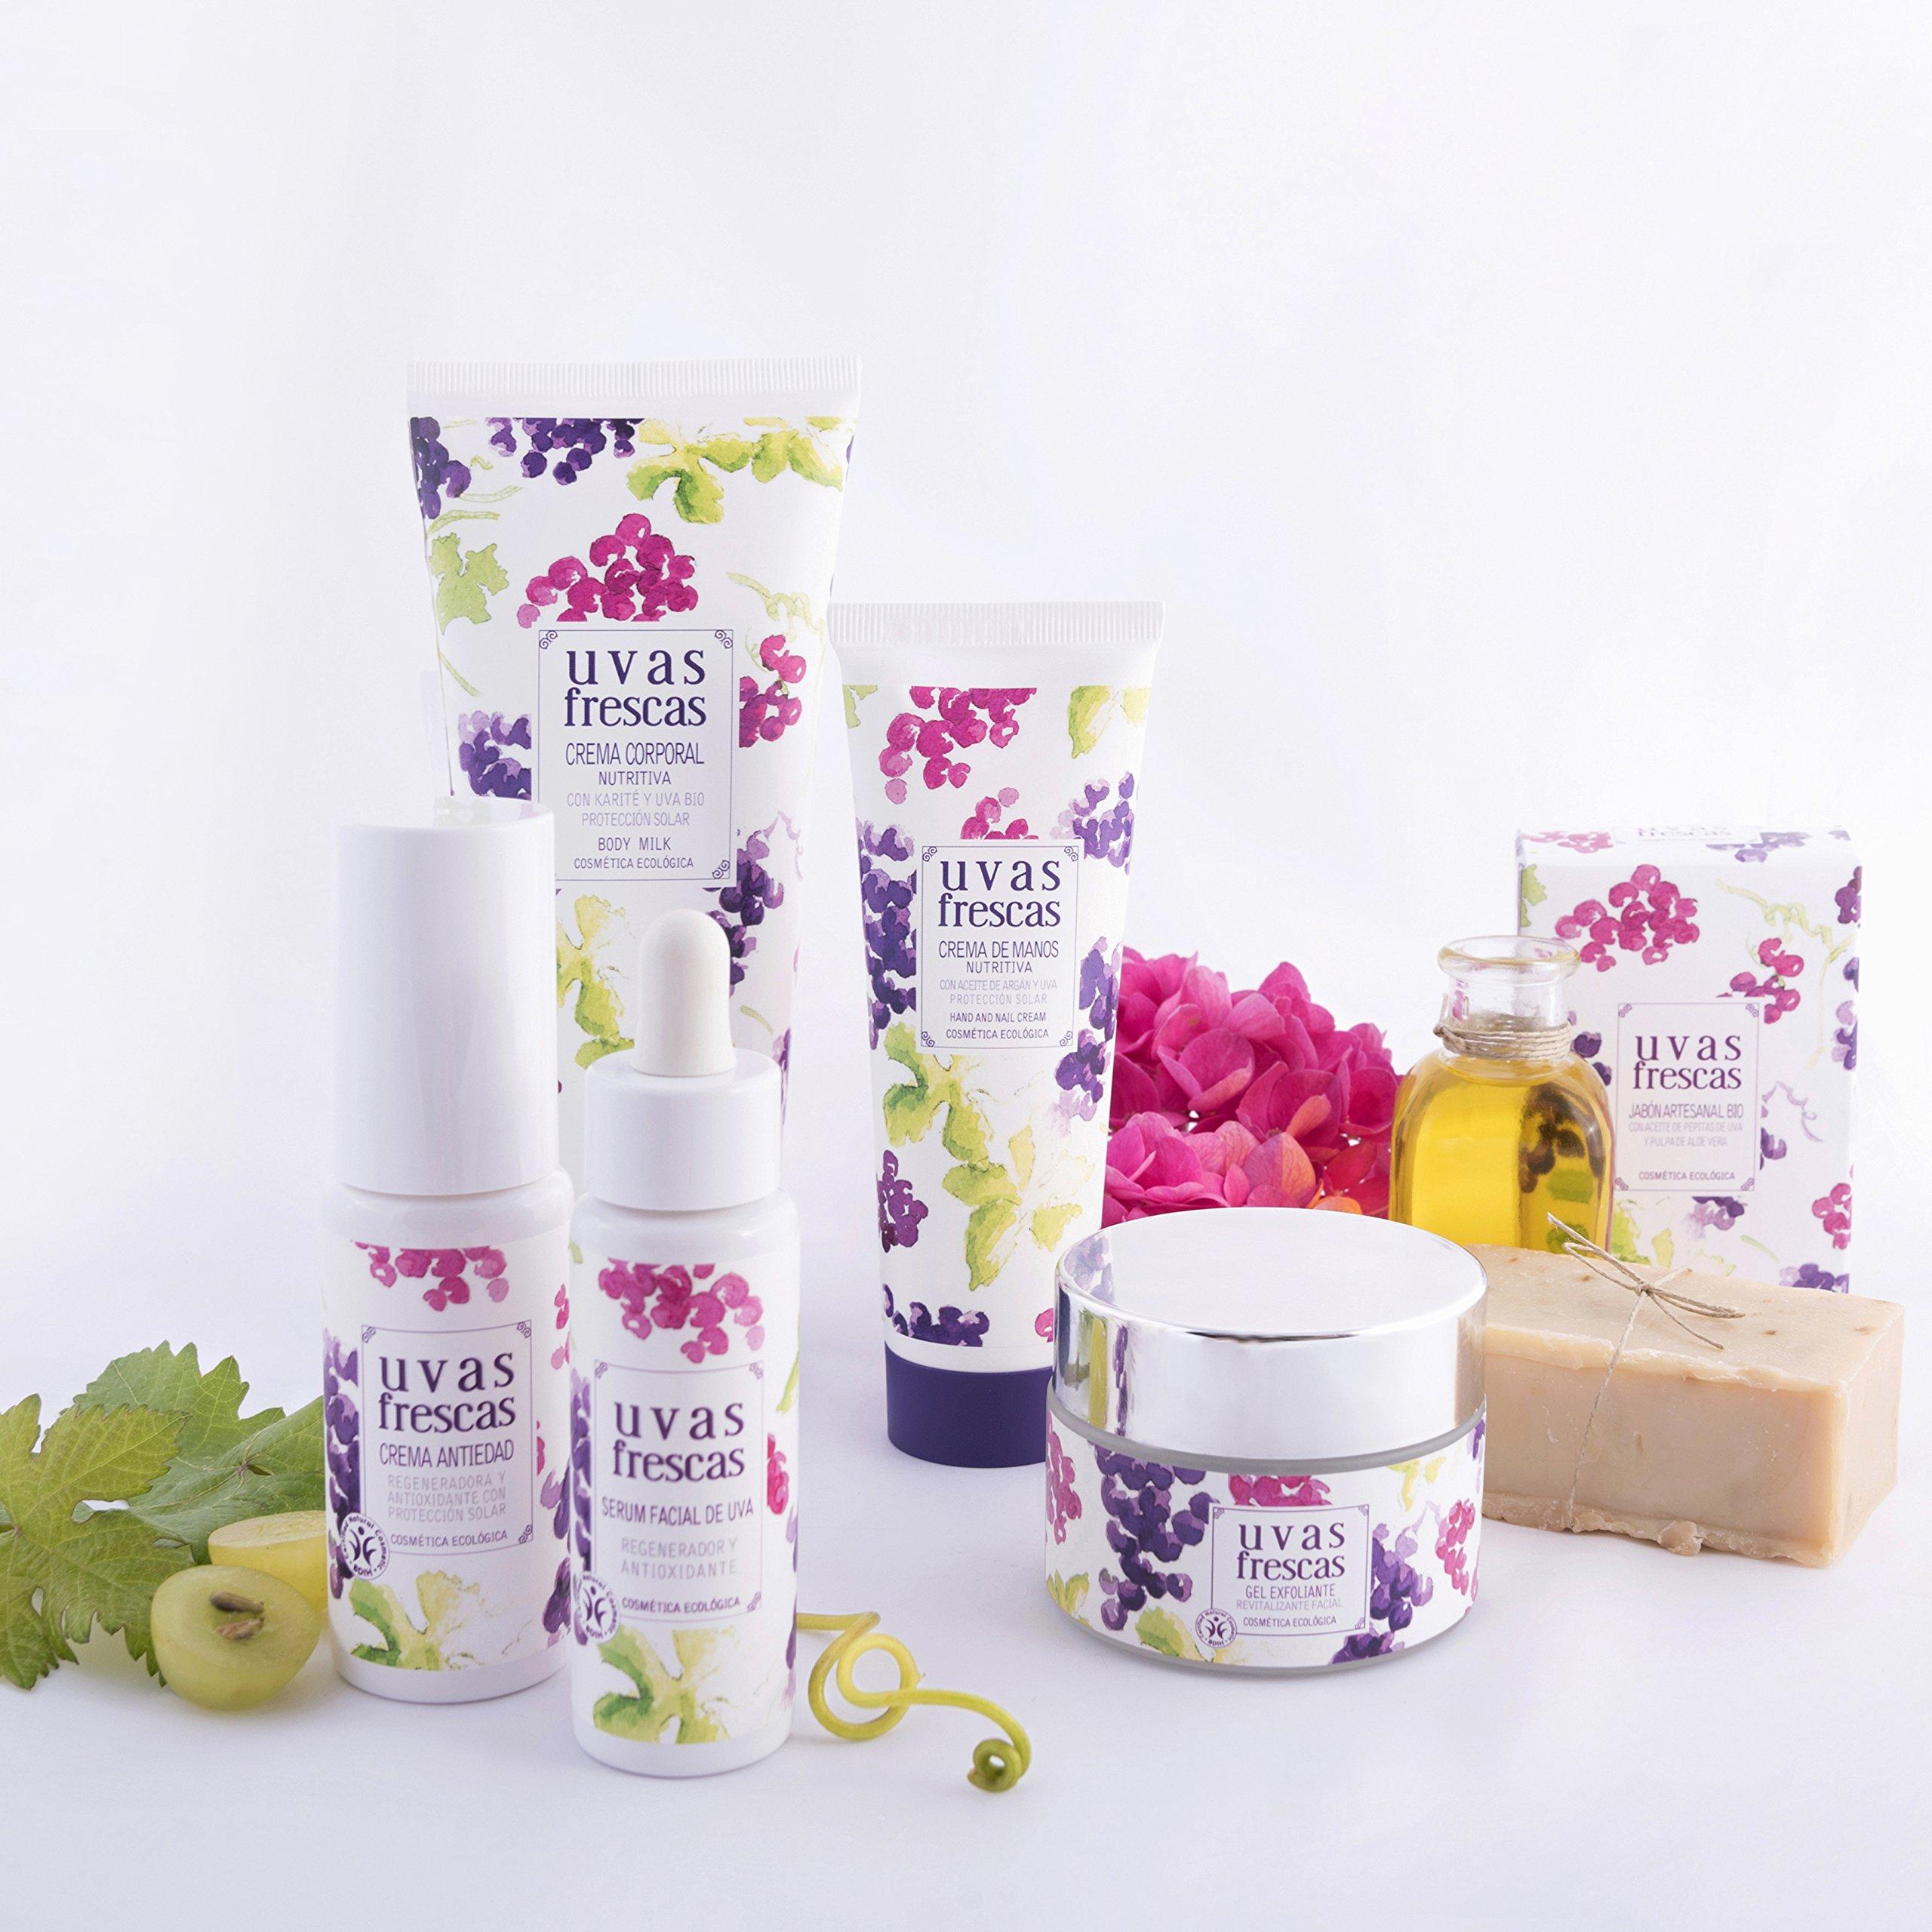 Uvas Frescas - Espuma Limpiadora Ecológica con Aloe - Ecoptima